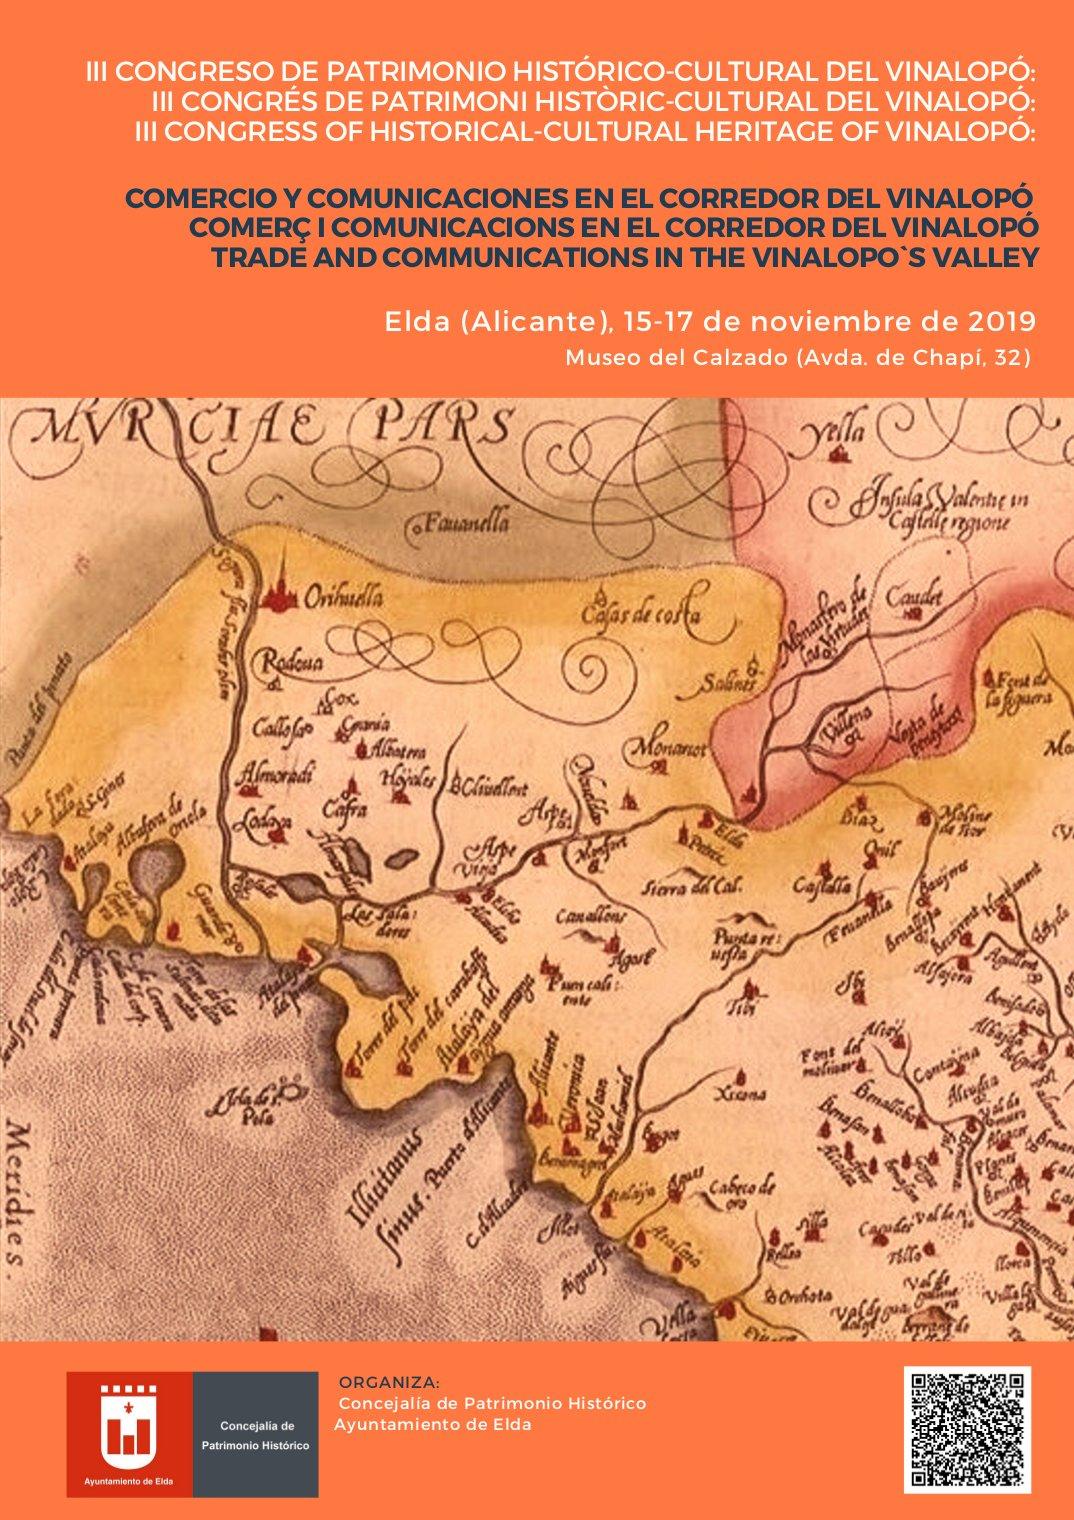 III Congreso de Patrimonio Histórico Cultural del Vinalopó